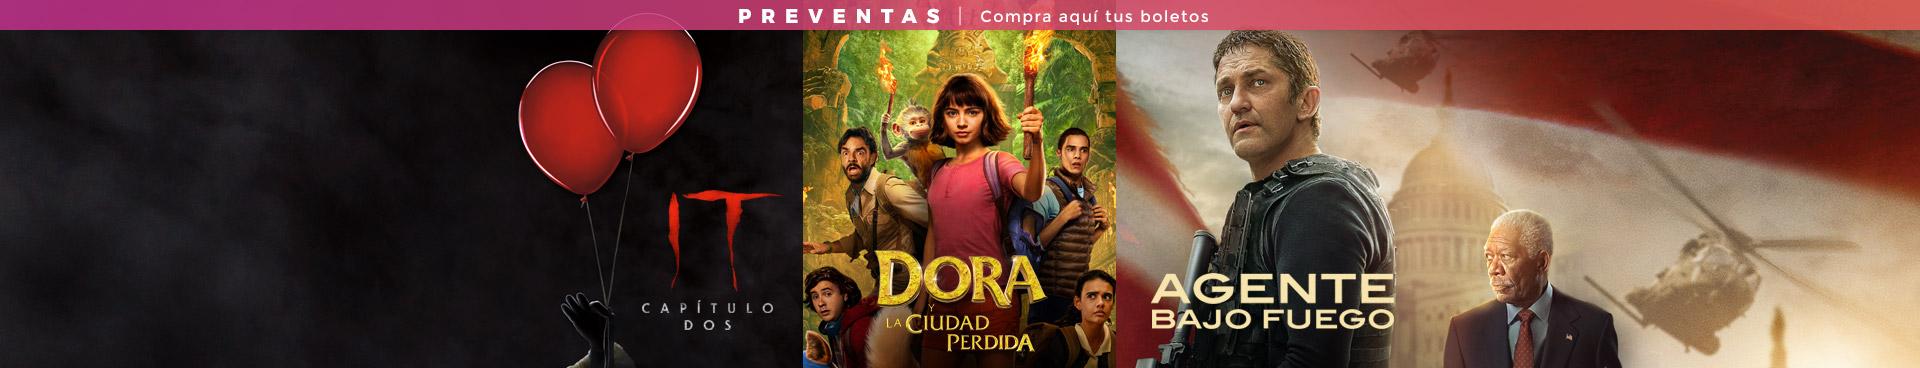 Preventa: Agente Bajo Fuego / IT / Dora